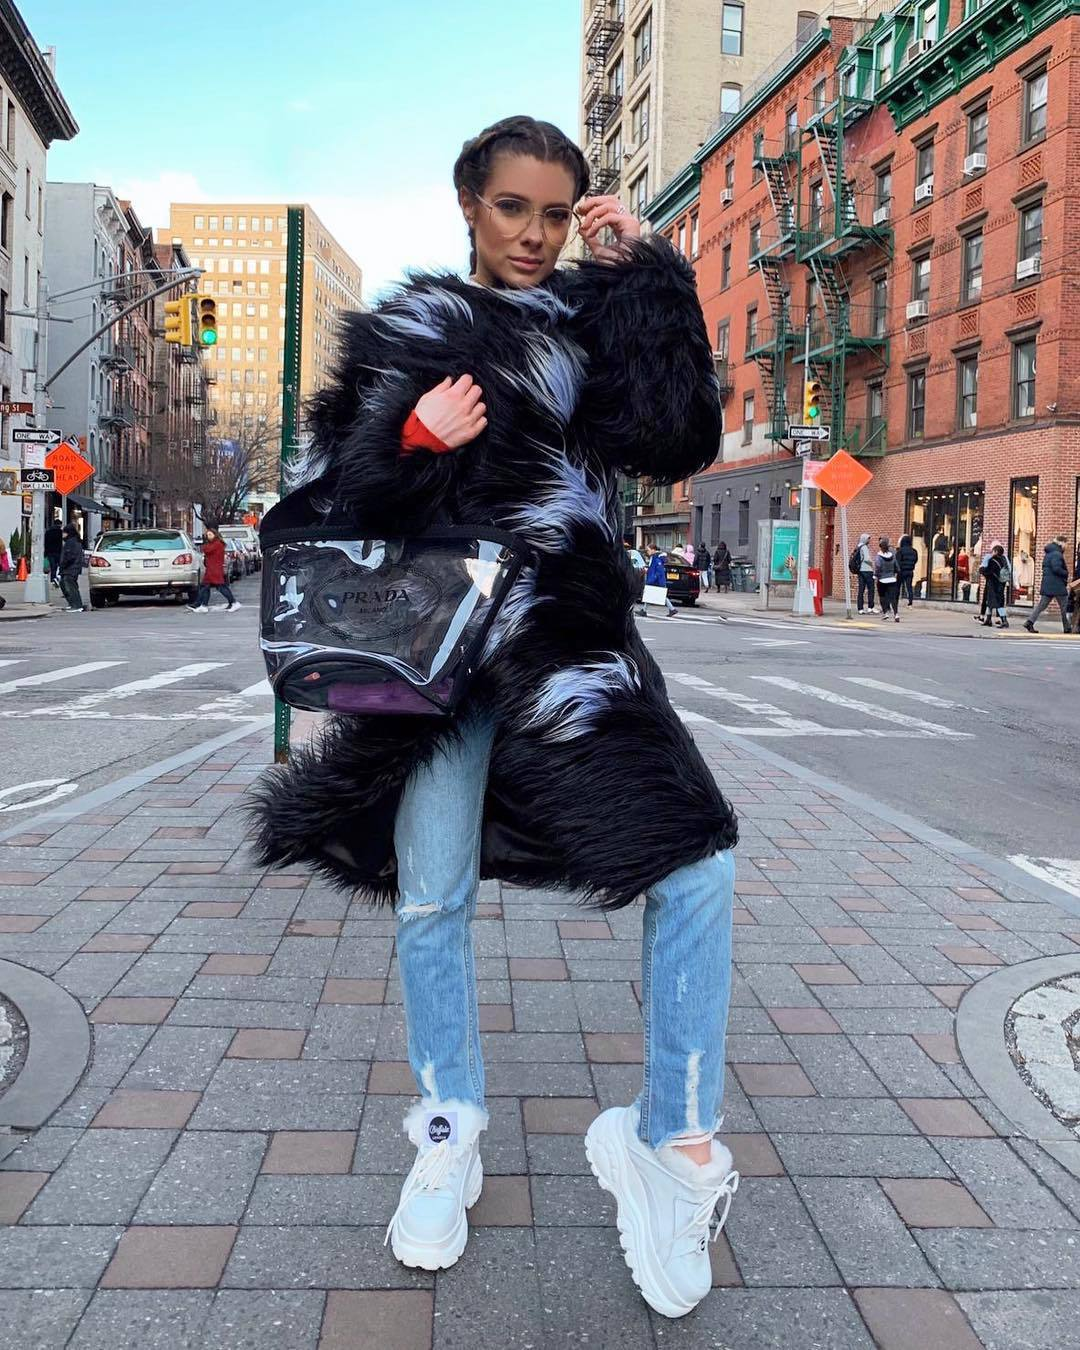 bag prada bag pvc white shoes platform shoes ripped jeans cropped jeans faux fur coat black coat